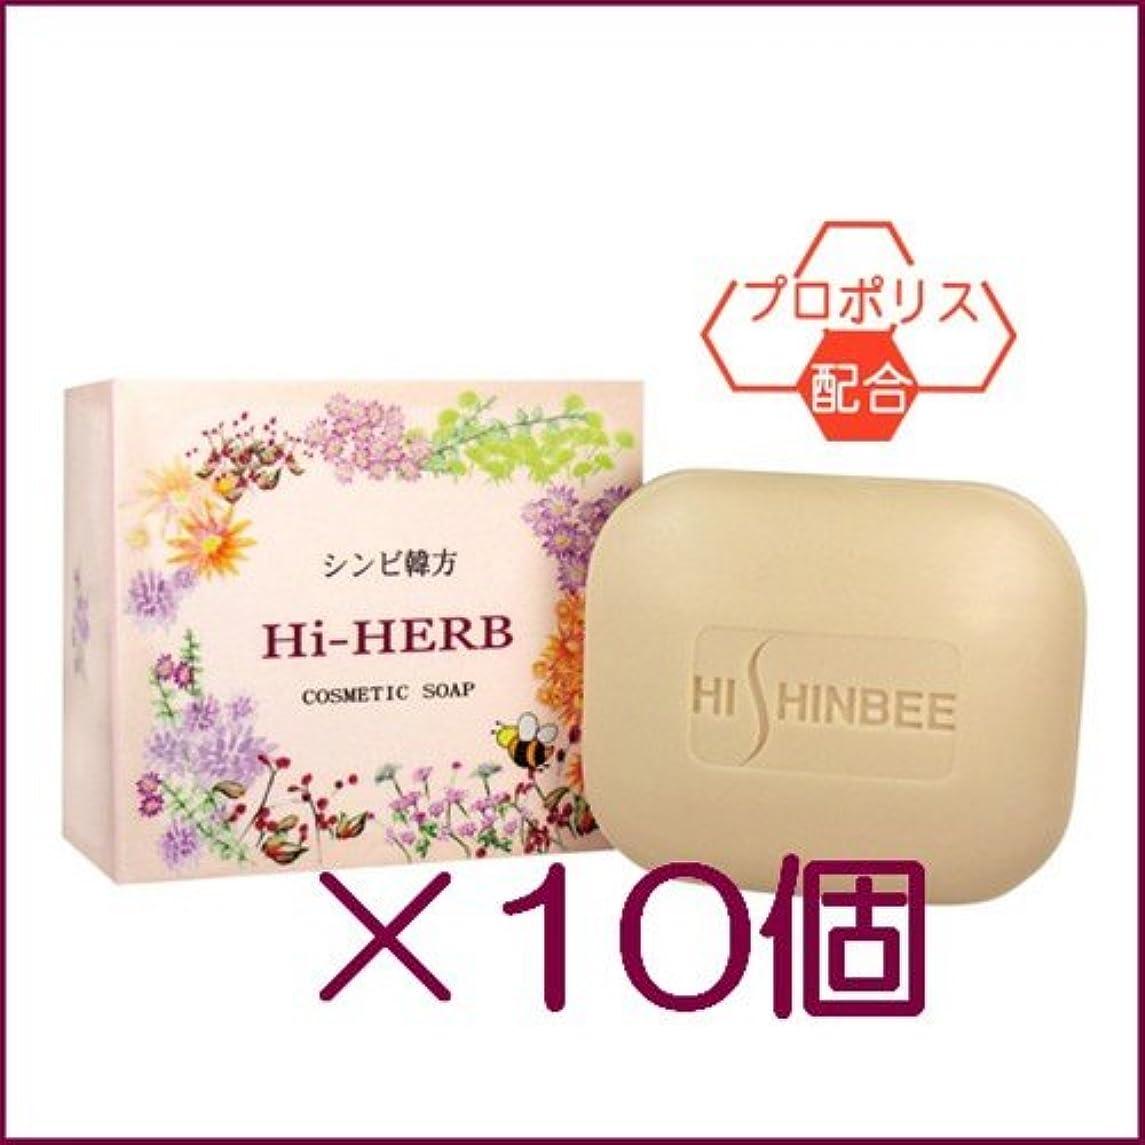 従事する鈍い遺体安置所シンビ 韓方ハイハーブ石鹸 100g ×10個